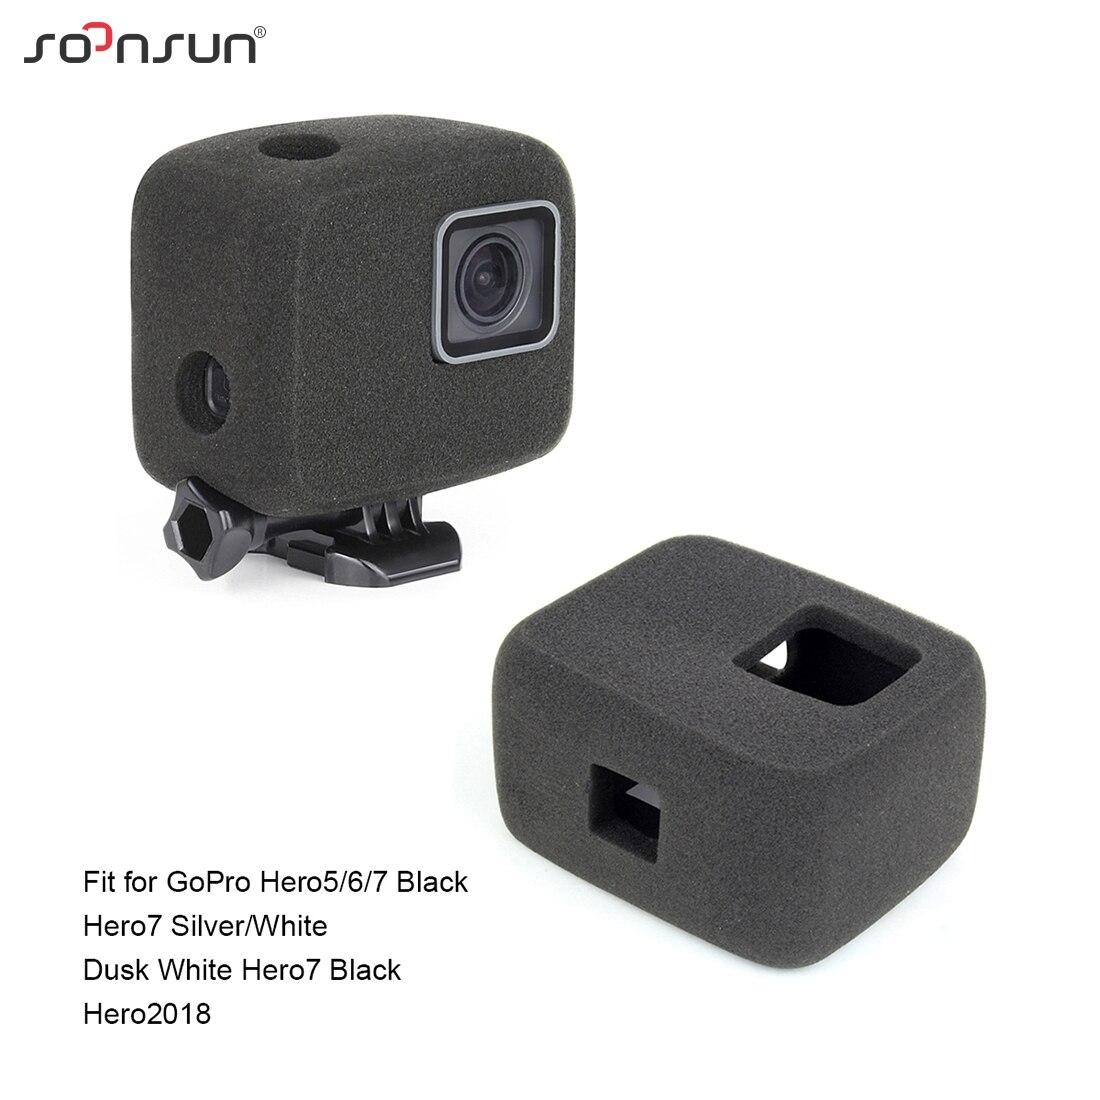 מנשא קידמי לקסדה עבור מצלמת אקסטרים וספוג אוטם רעשי רקע SOONSUN 6